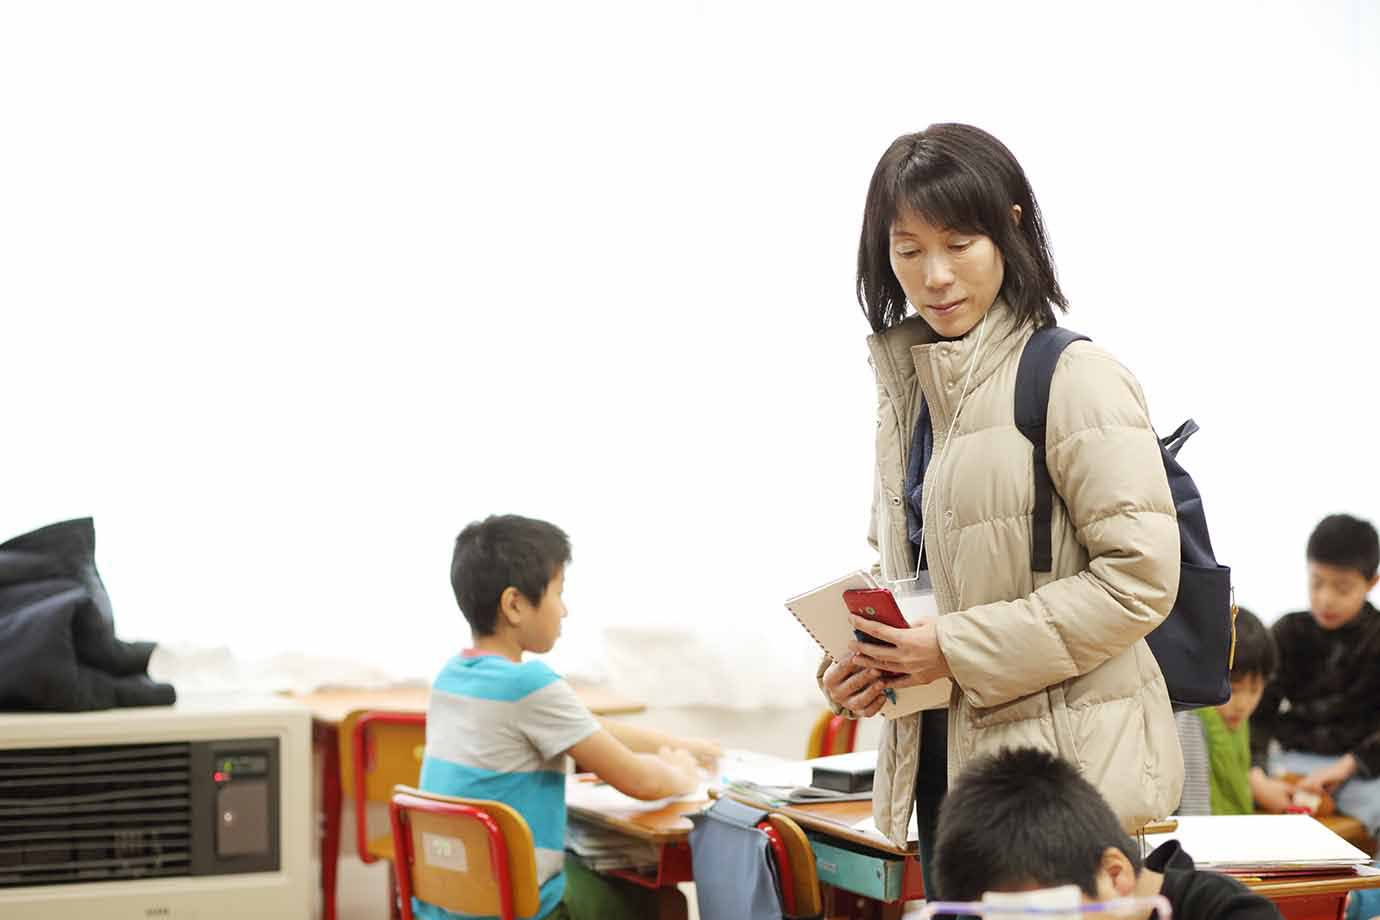 佐藤からは「子どもの個性を引き出すためには、一人ひとりと向き合った考え方、教育のプロセスを保護者も一緒に考えることが大切」と母親目線の感想も